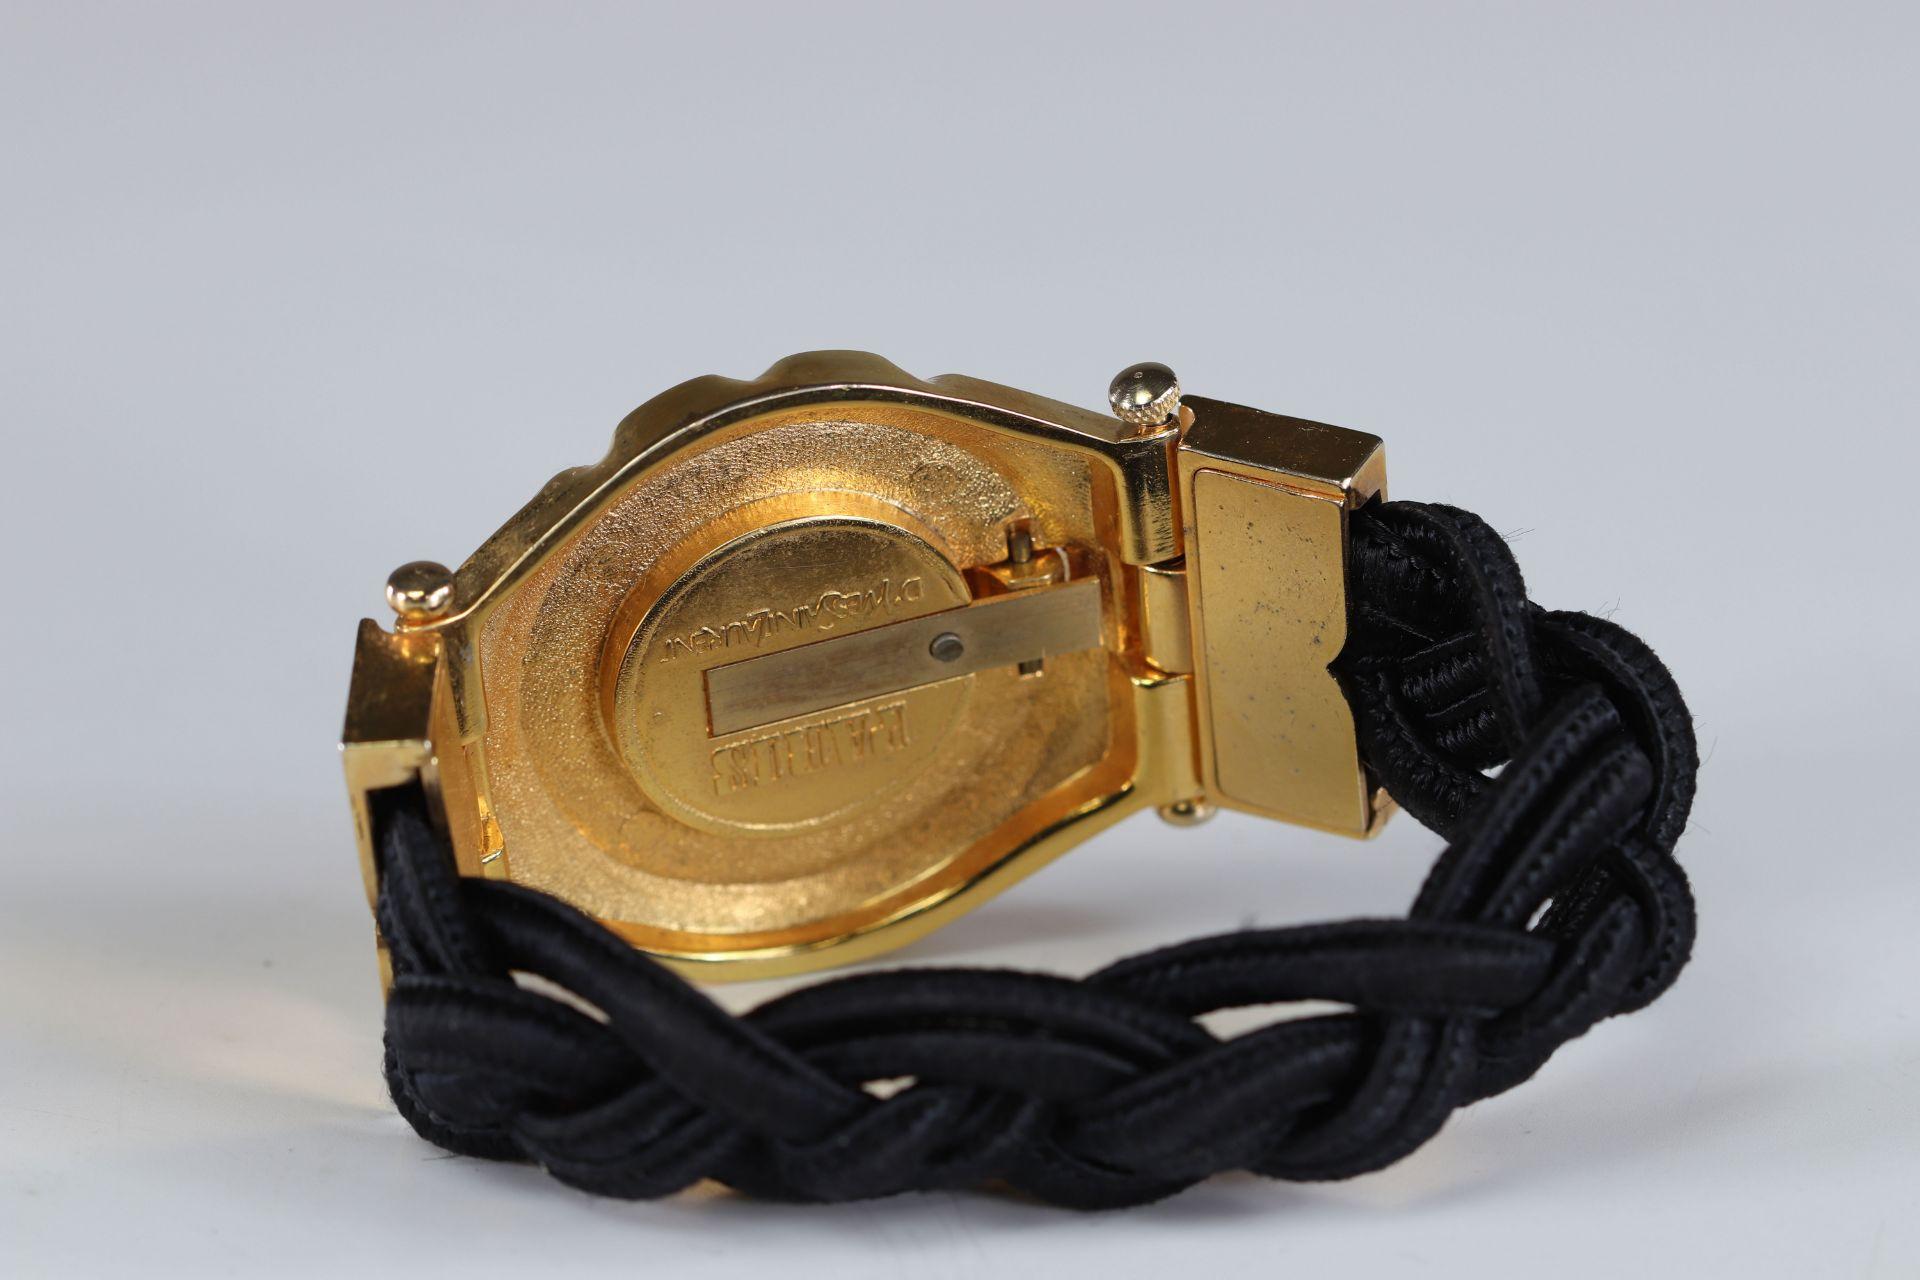 Yves Sant Laurent Paris bracelet box - Image 2 of 3